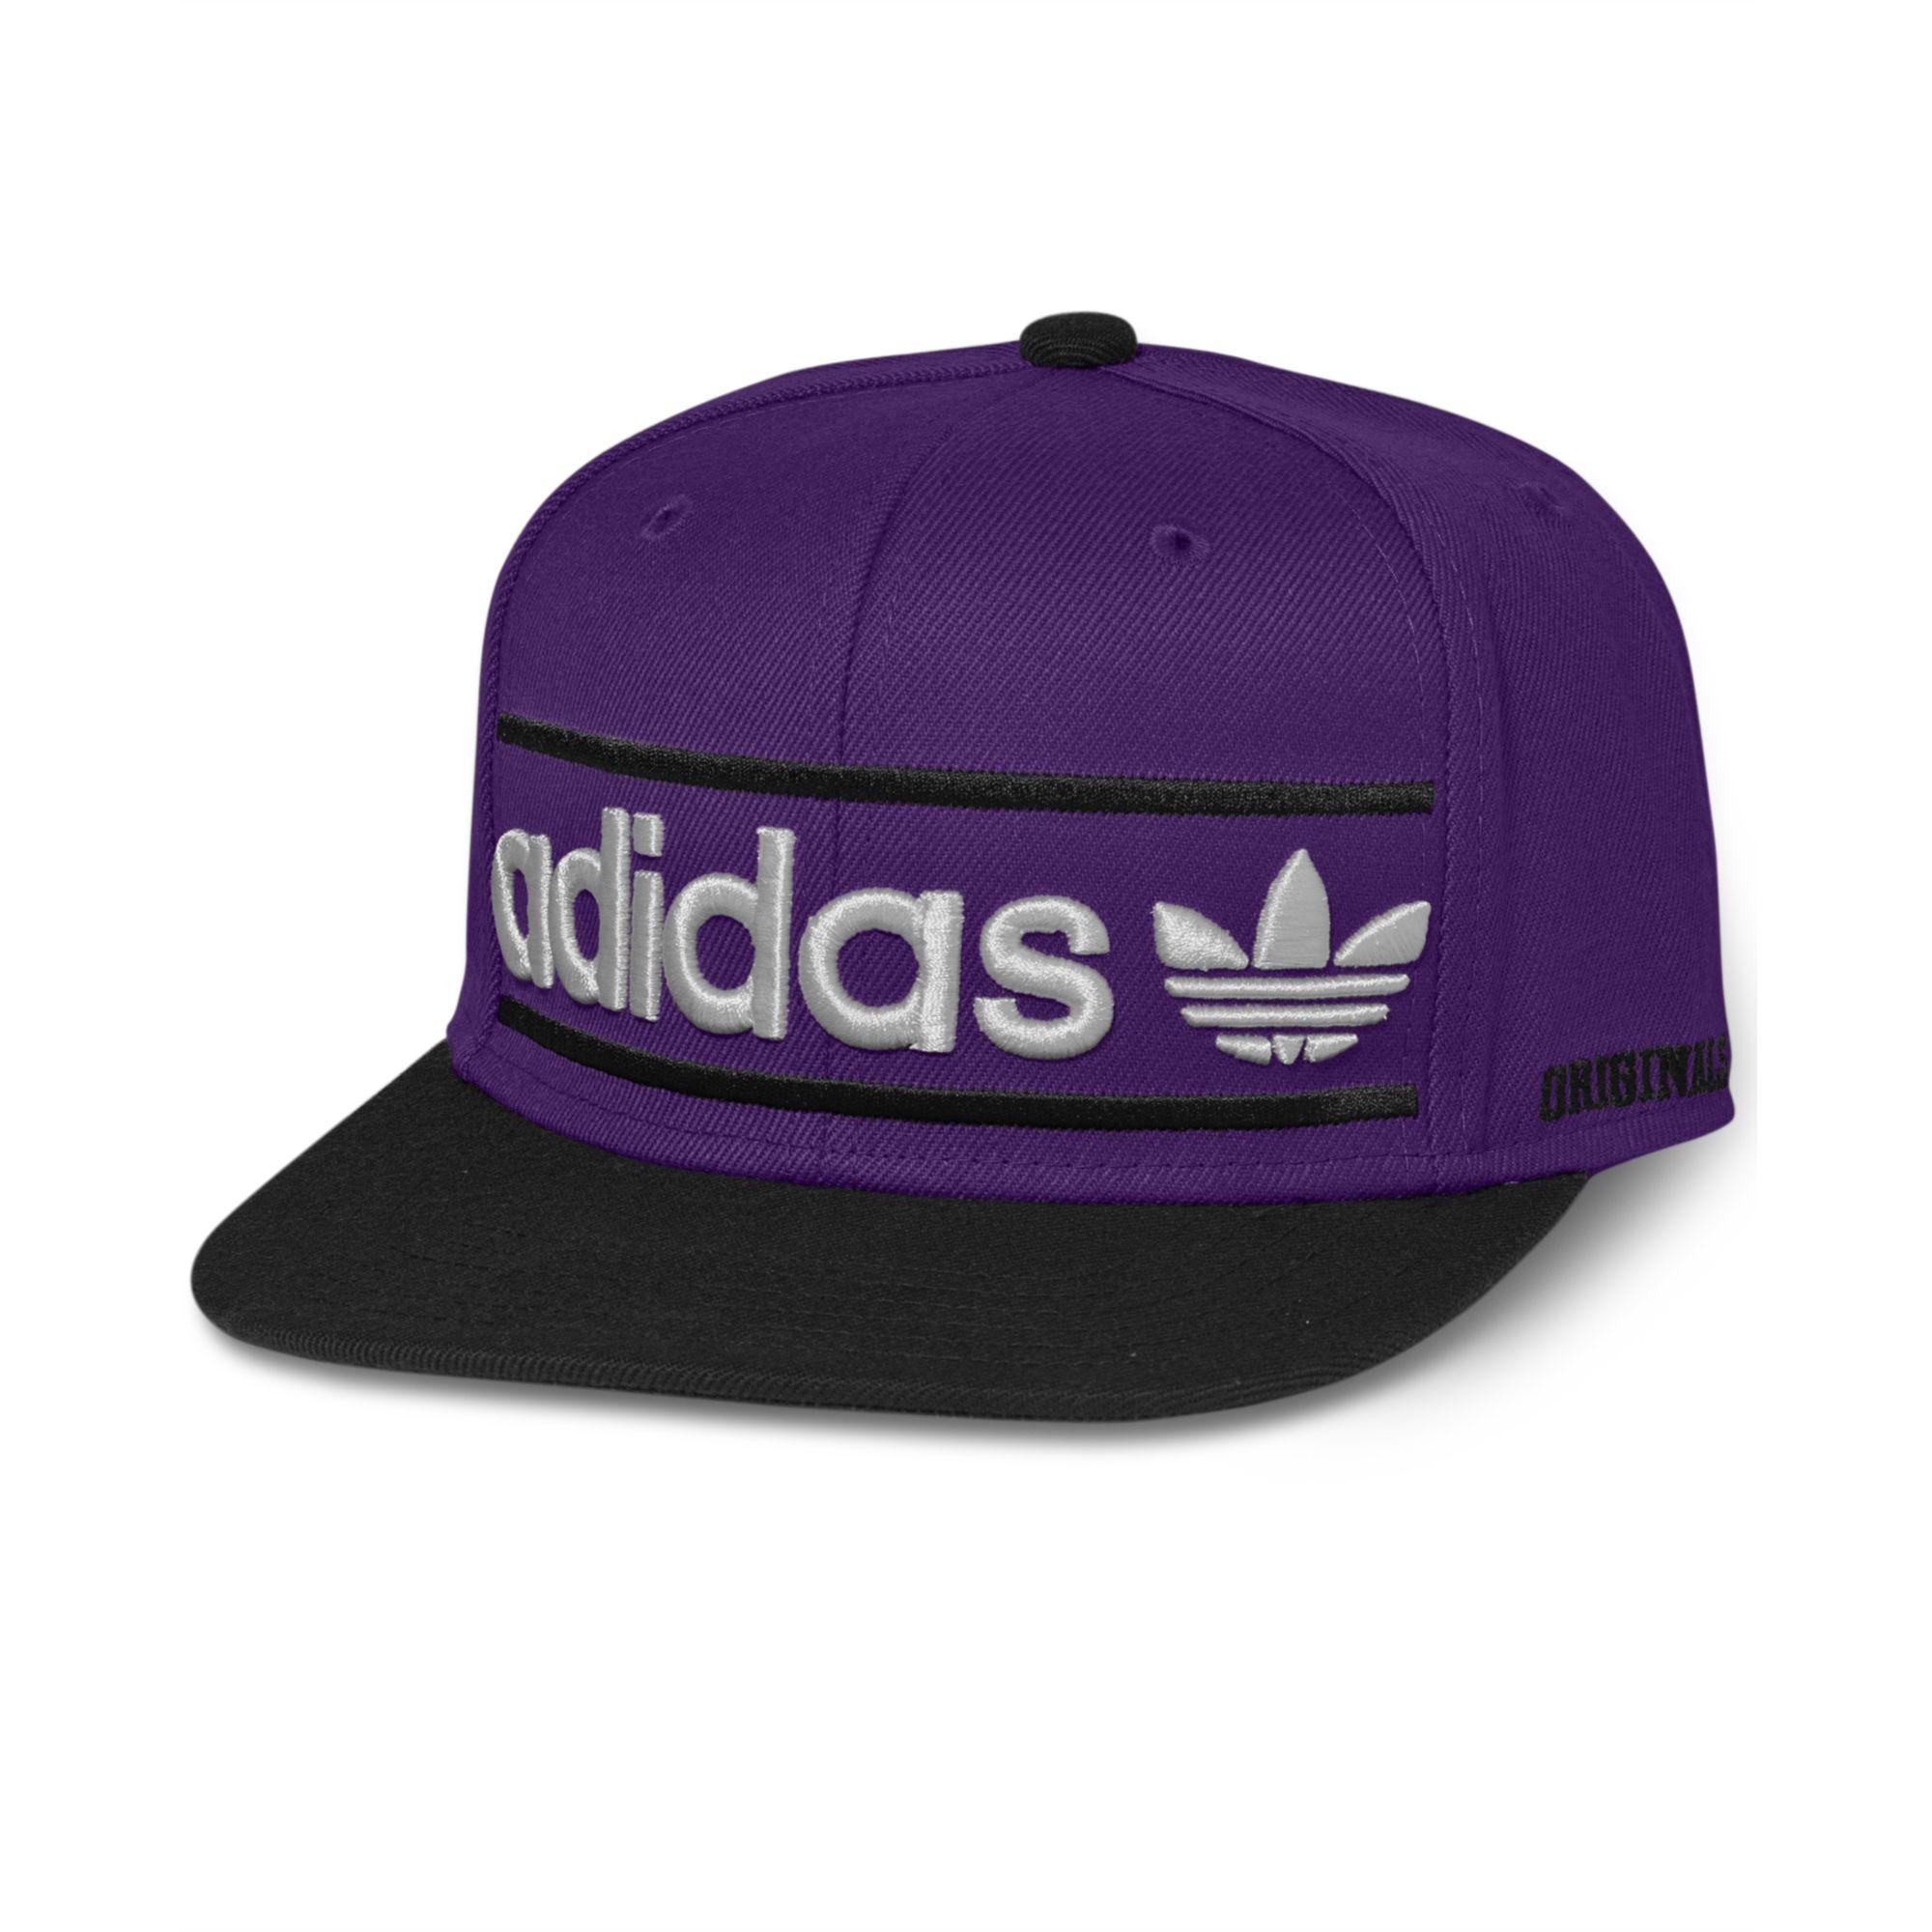 d623cdf9 ... best price lyst adidas adi originals heritage snapback cap in purple  for men 1e0ab 9b90c